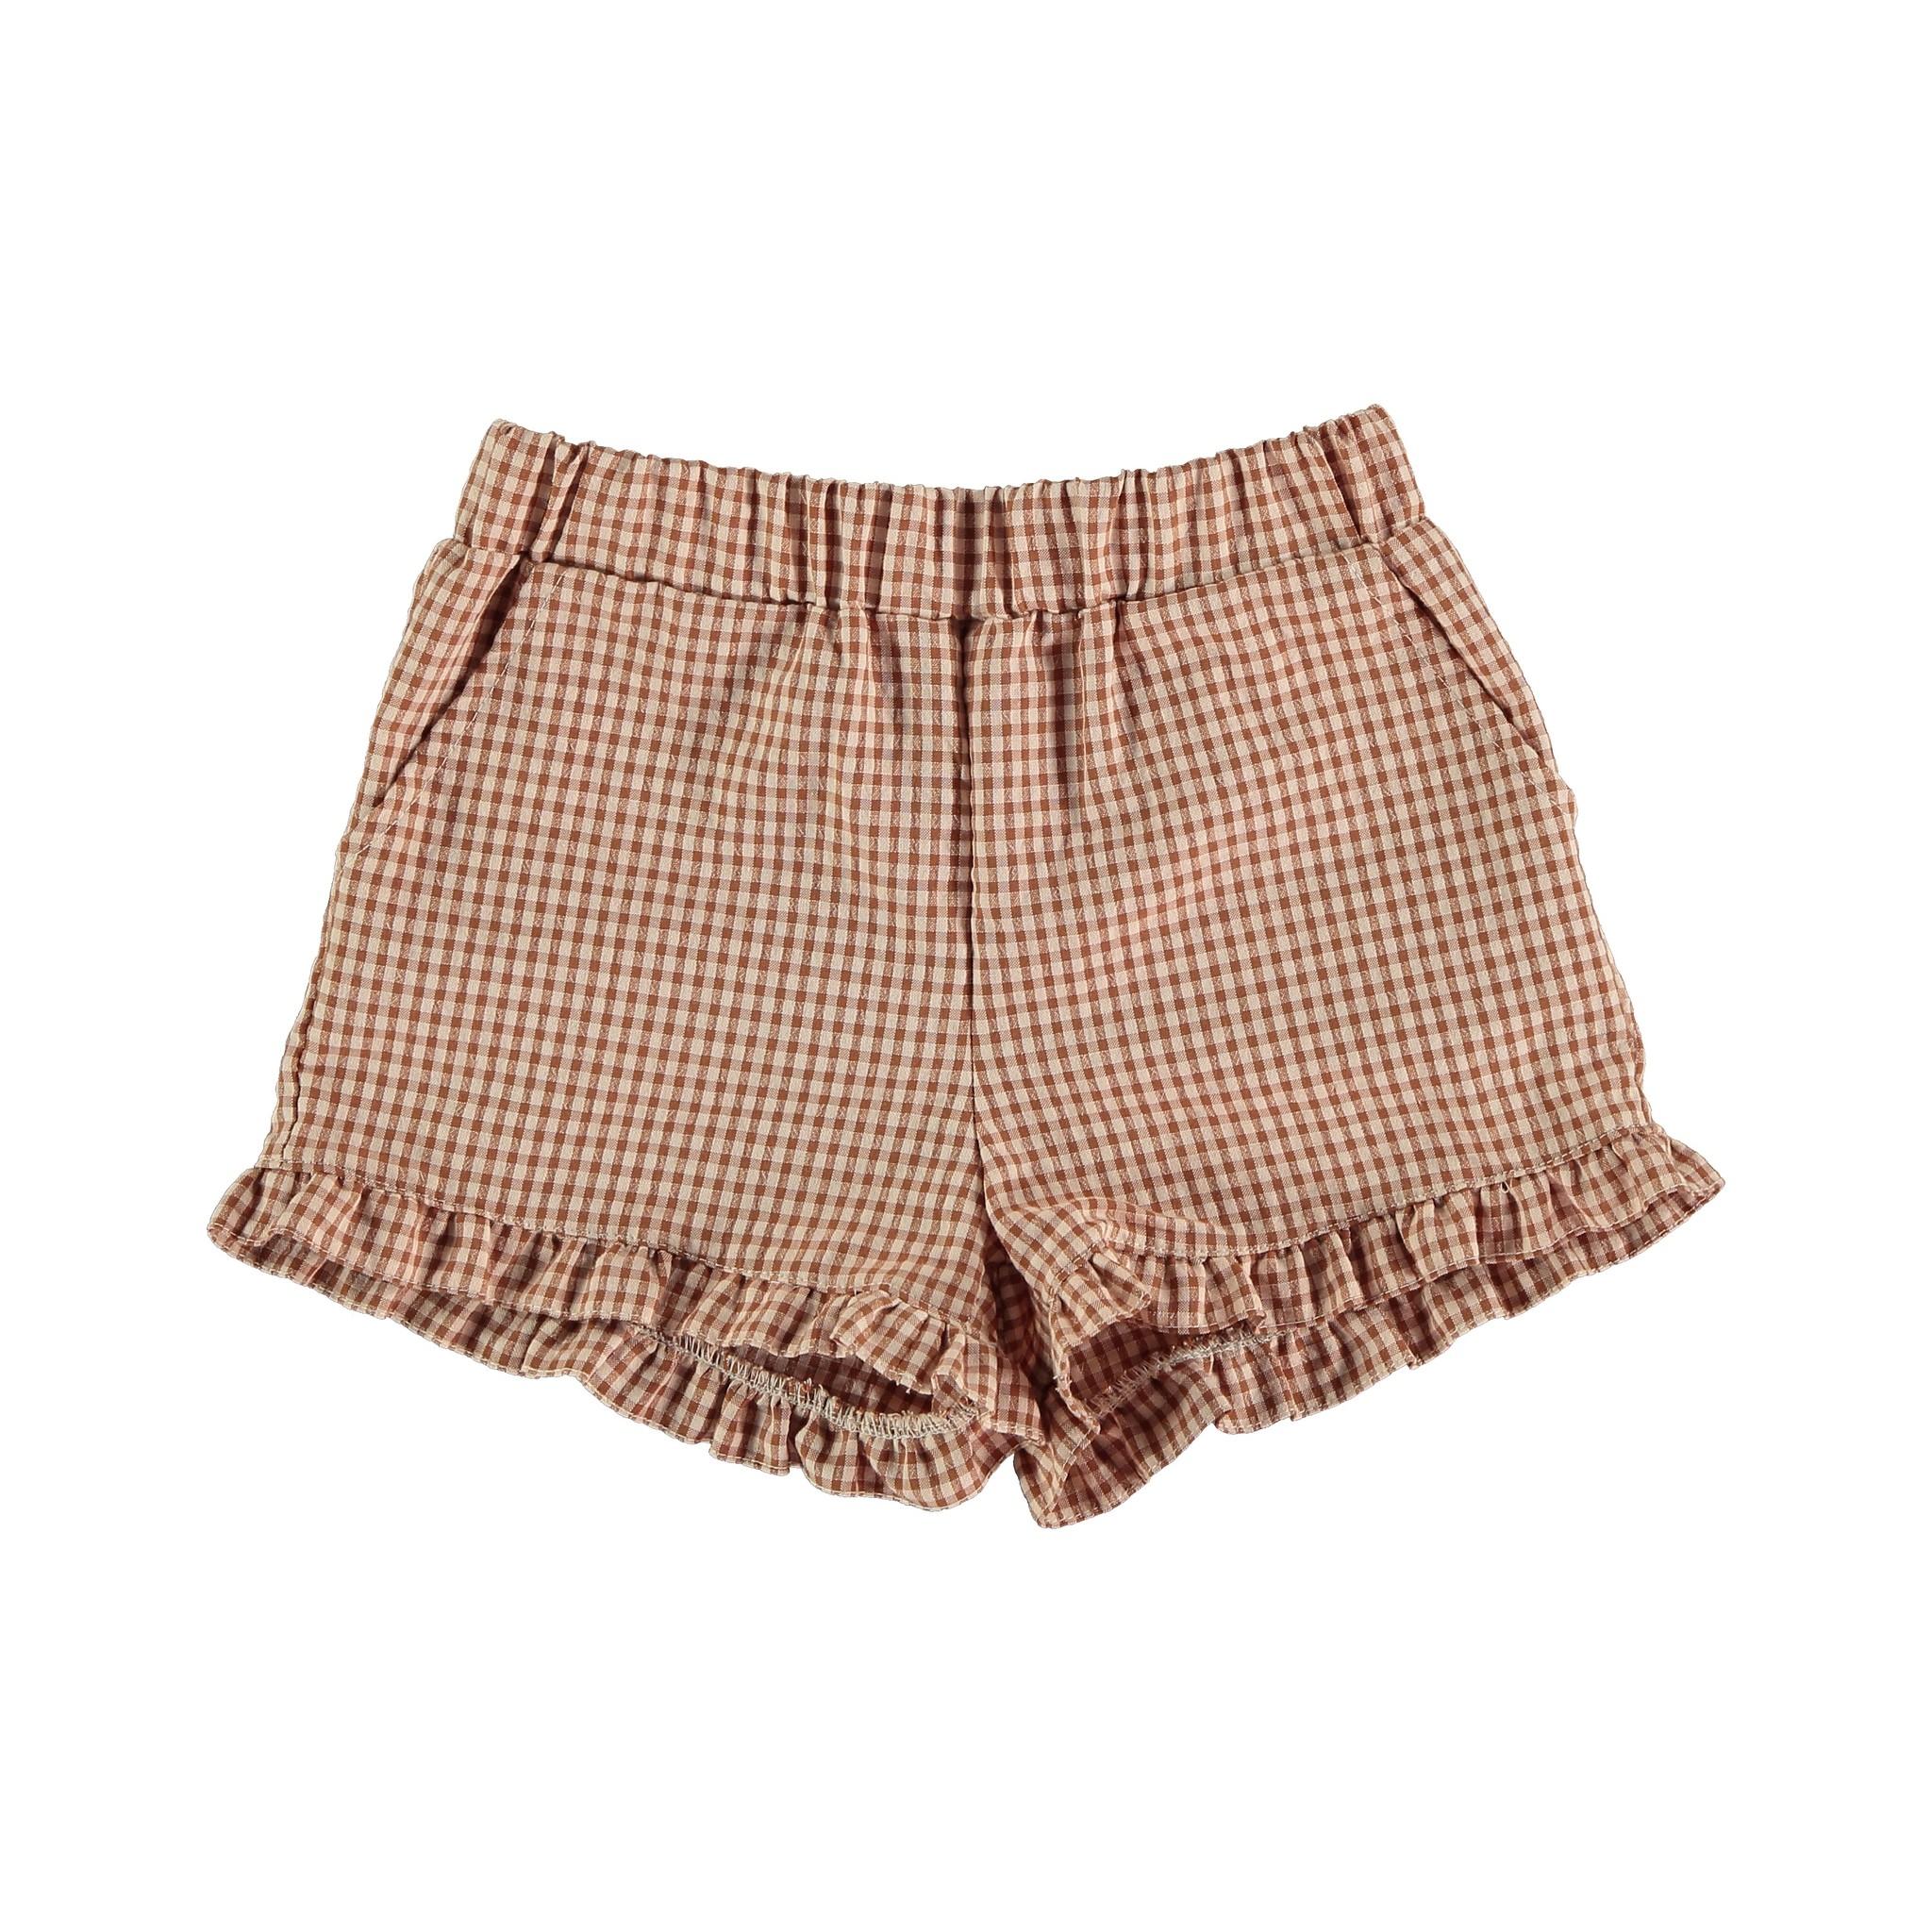 Pinata Pum Shorts | AZÚCAR CLAY SQUARE